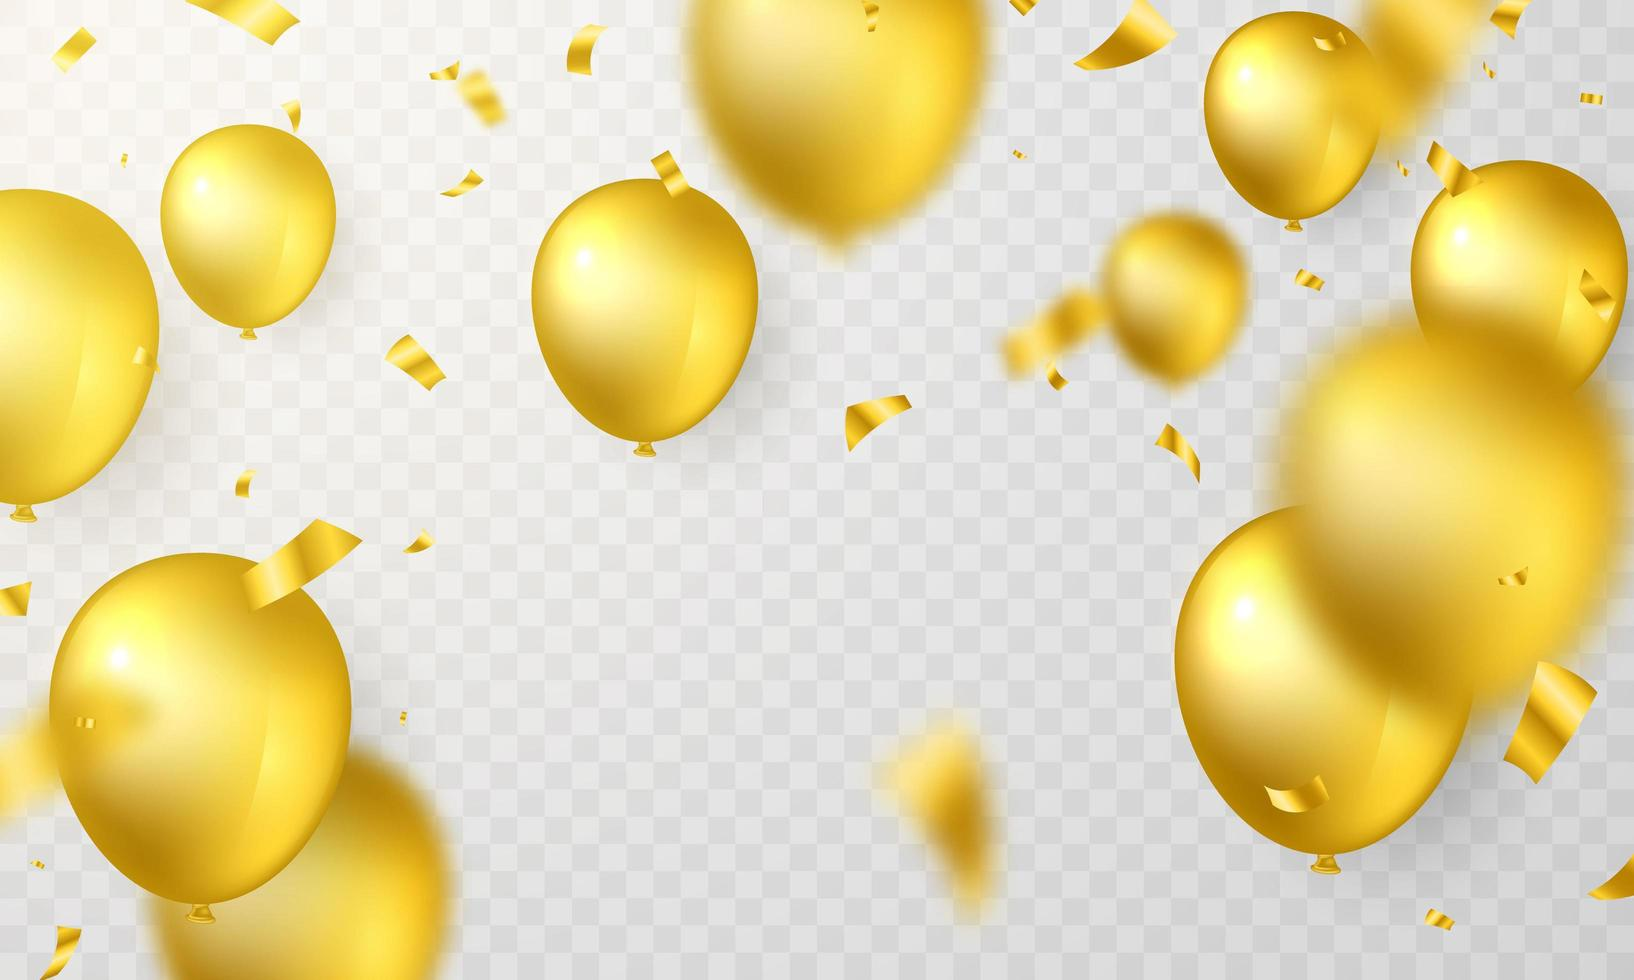 goldener Ballon mit wunderschön arrangierten Konfetti vektor